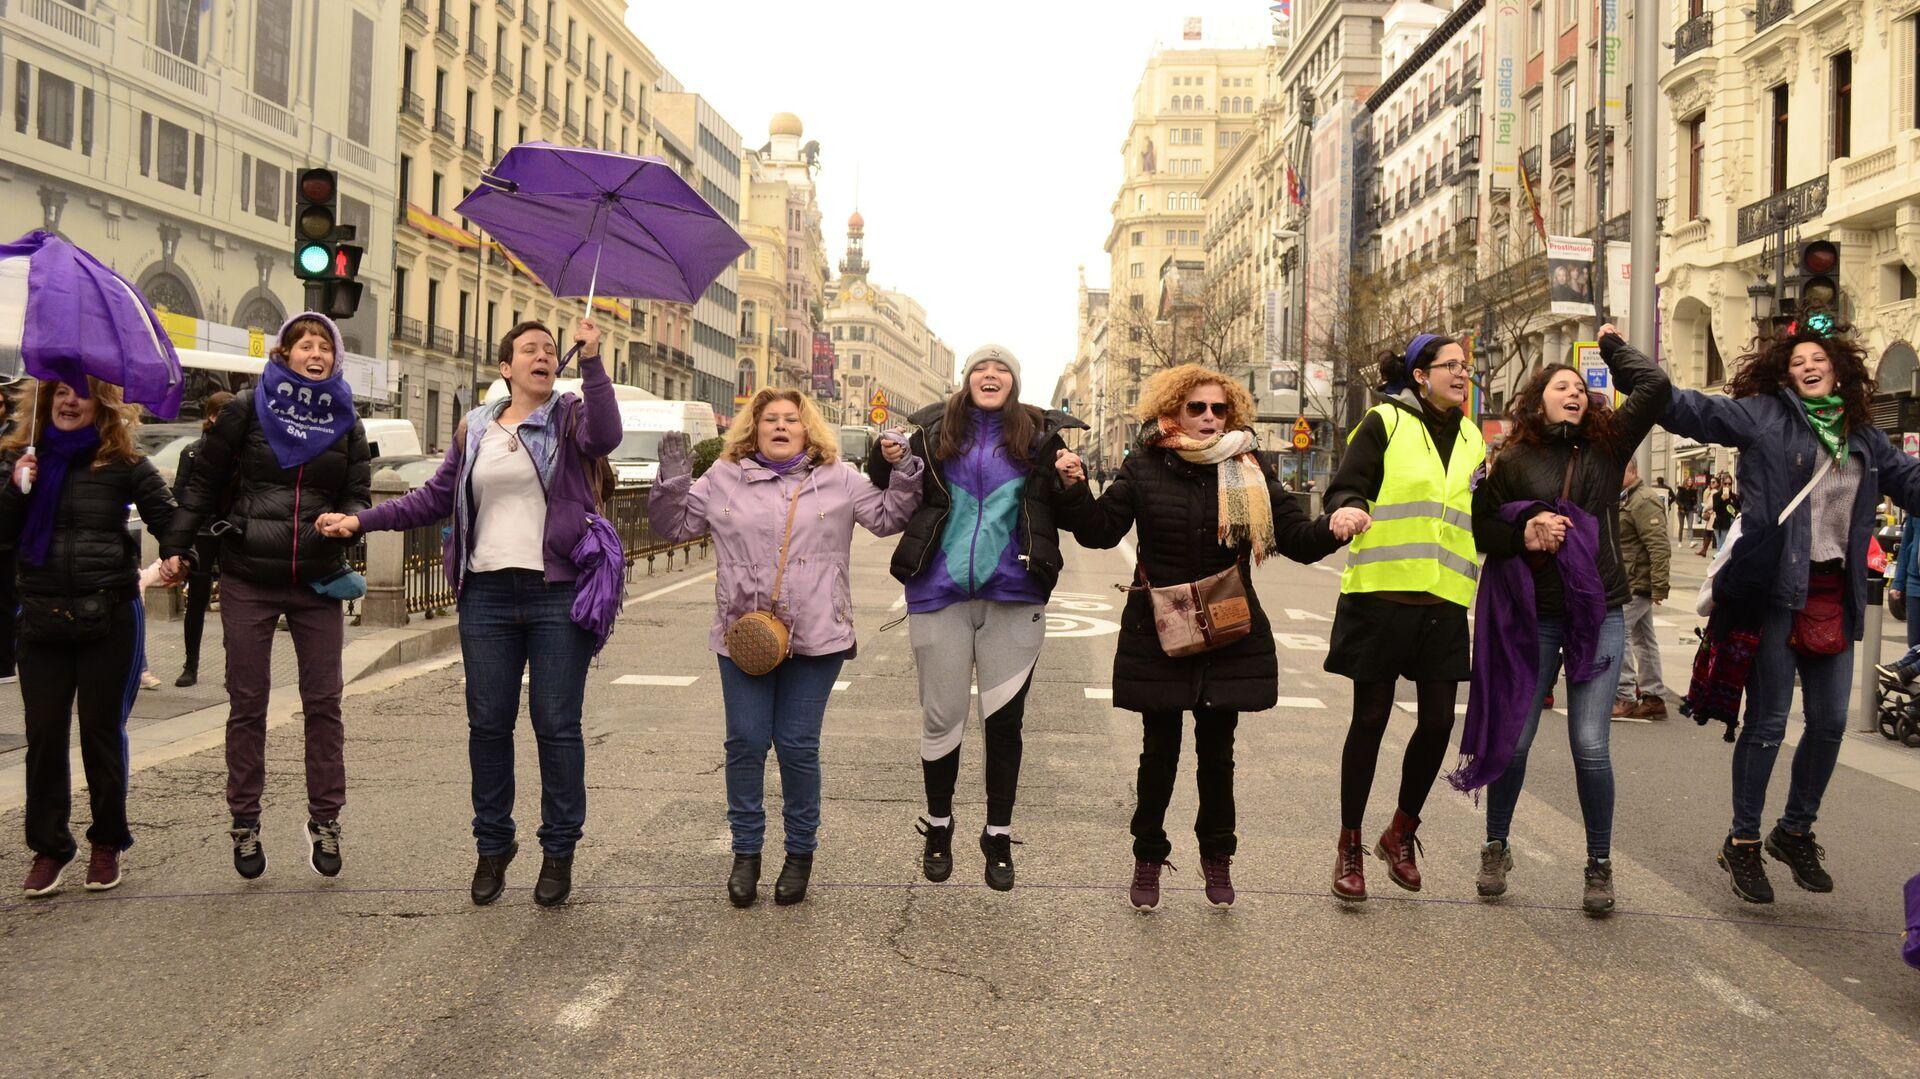 Manifestación de mujeres feministas en Madrid - Sputnik Mundo, 1920, 25.03.2021